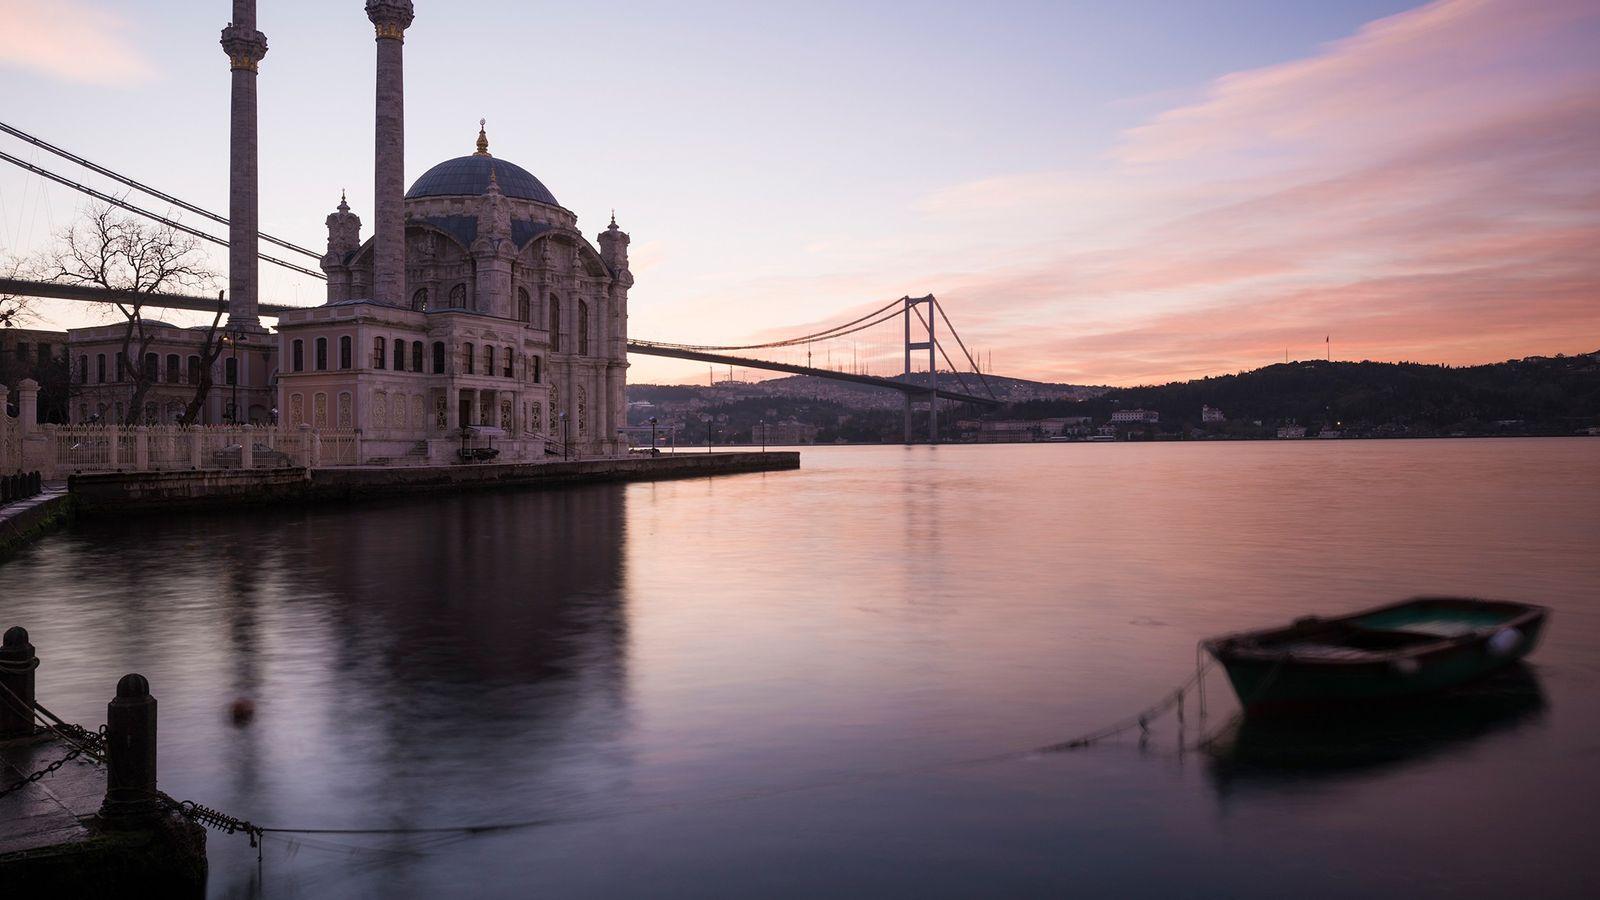 El amanecer arroja un brillo rosado en la mezquita Ortakoy en Estambul, Turquía. Las perforaciones en ...